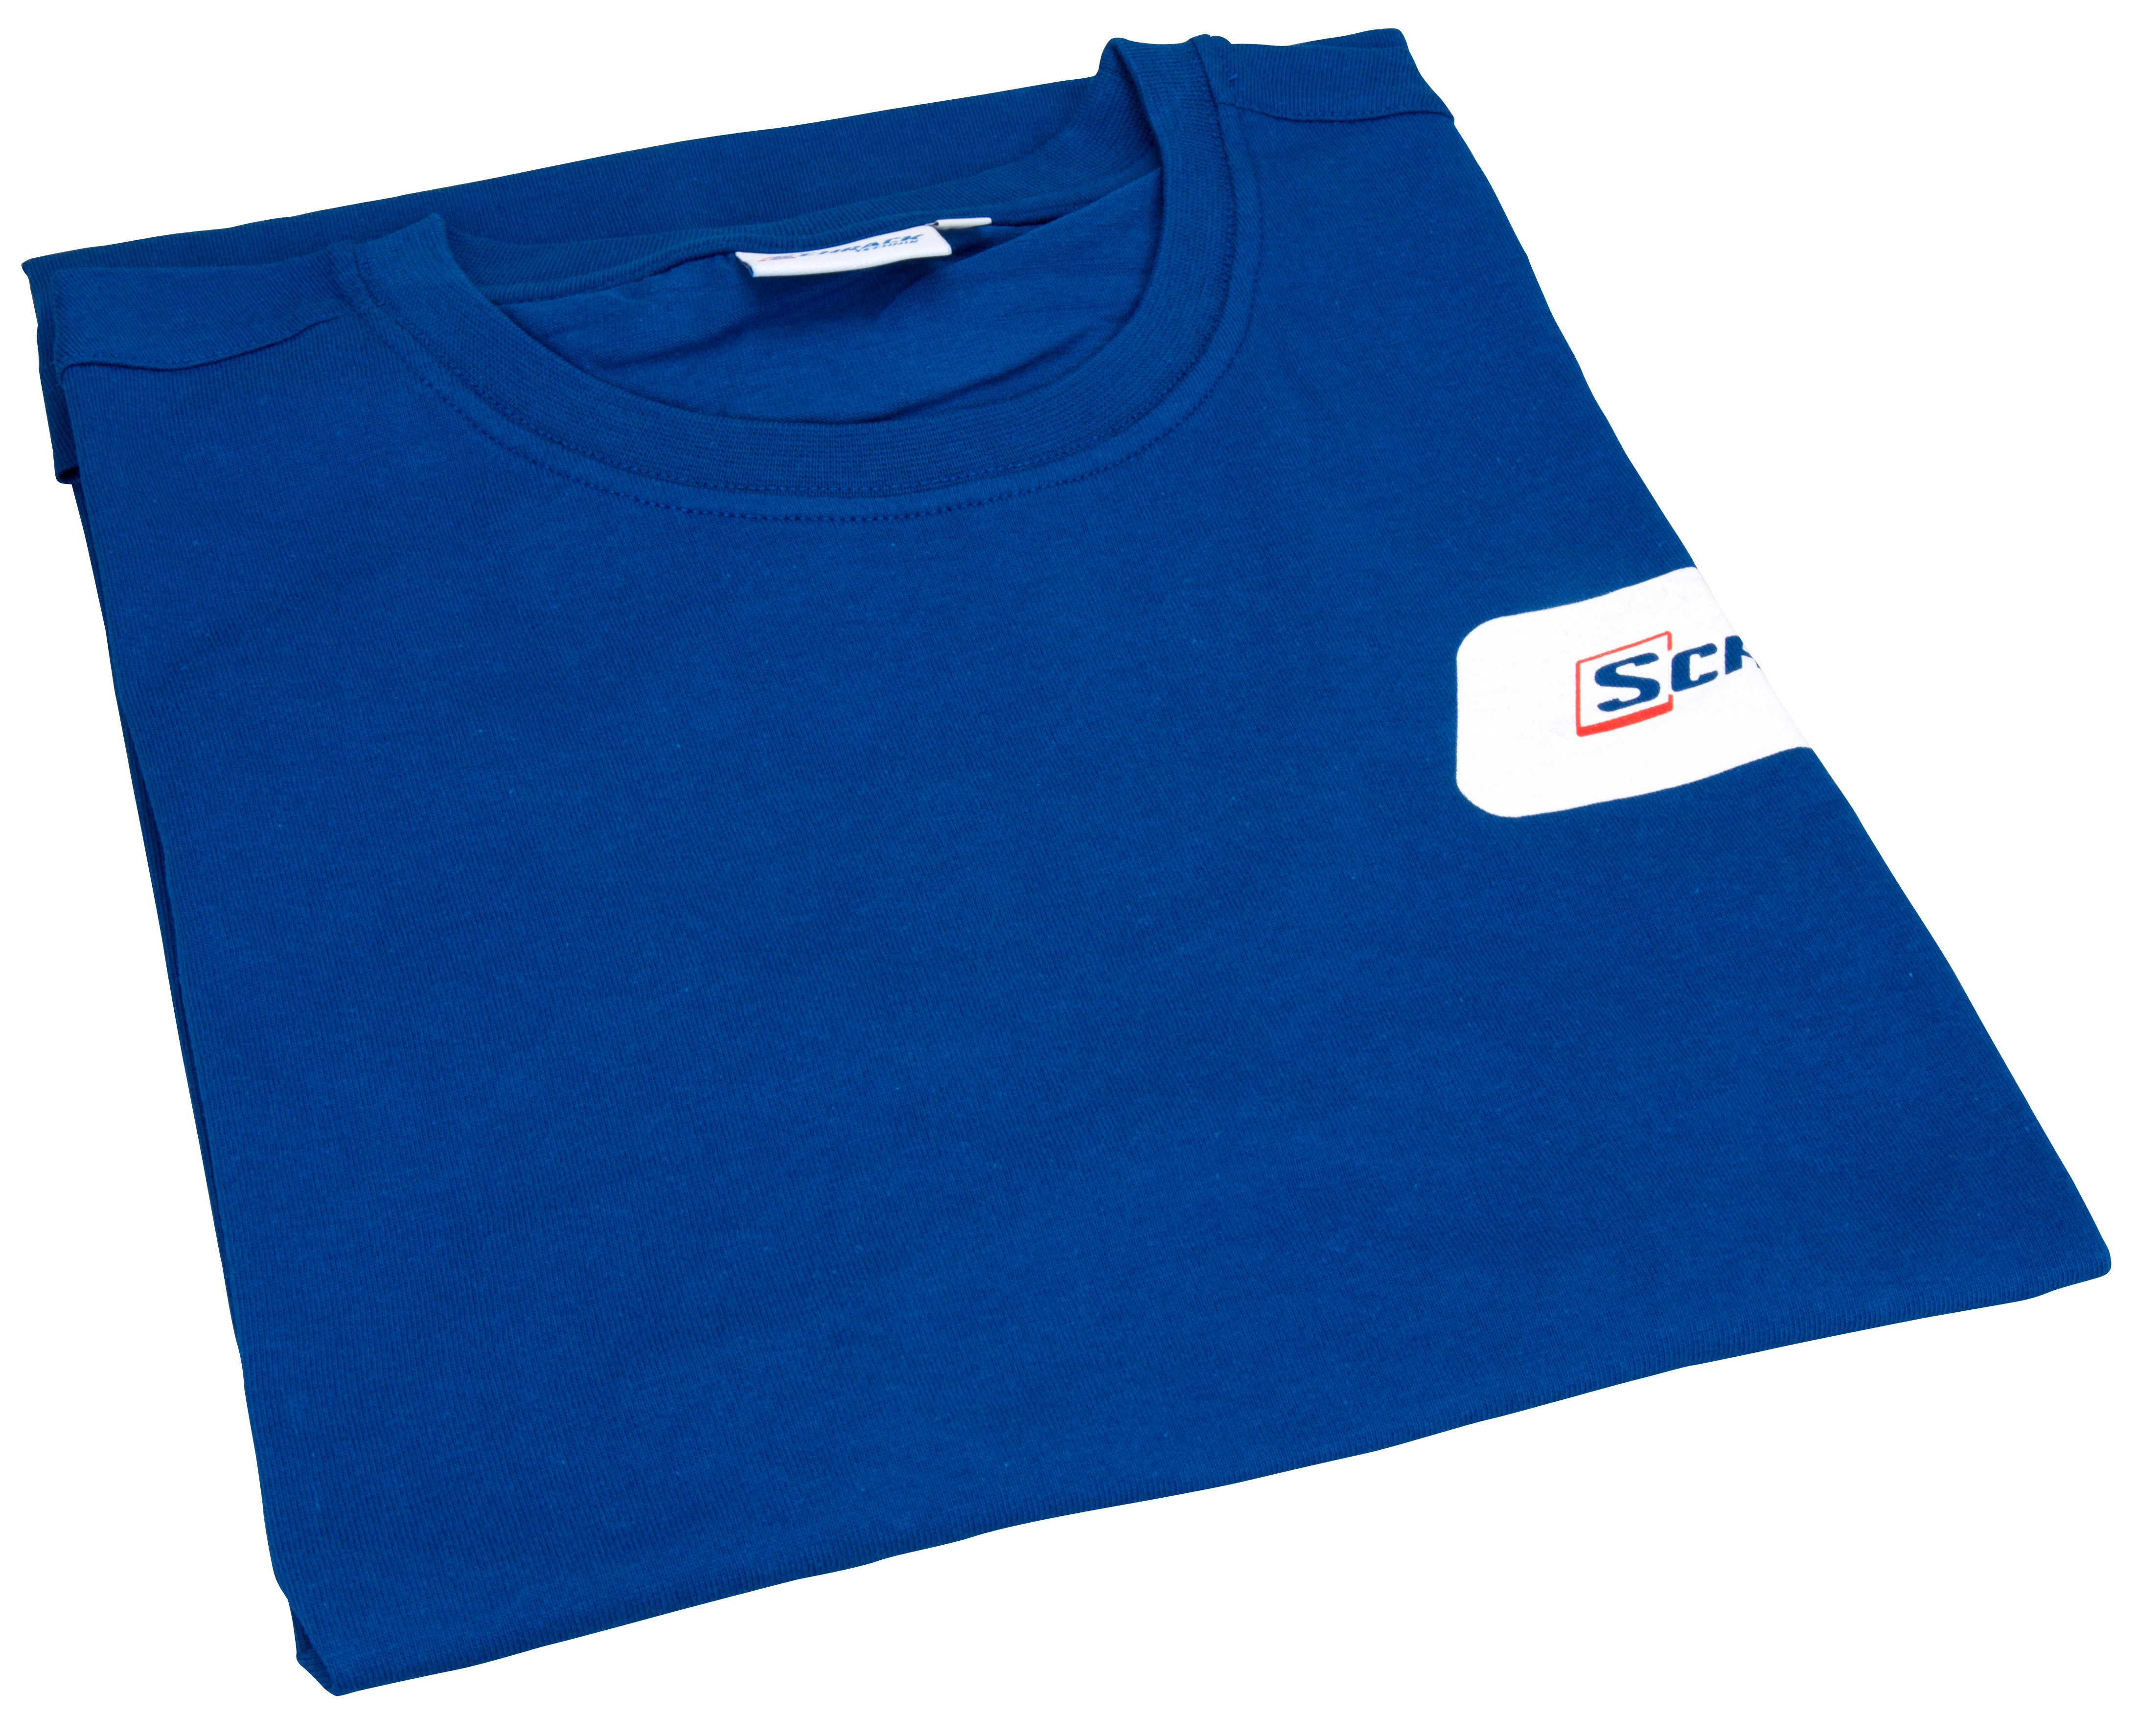 1 Stk T-Shirt Kurzarm blau -L- W-95000316